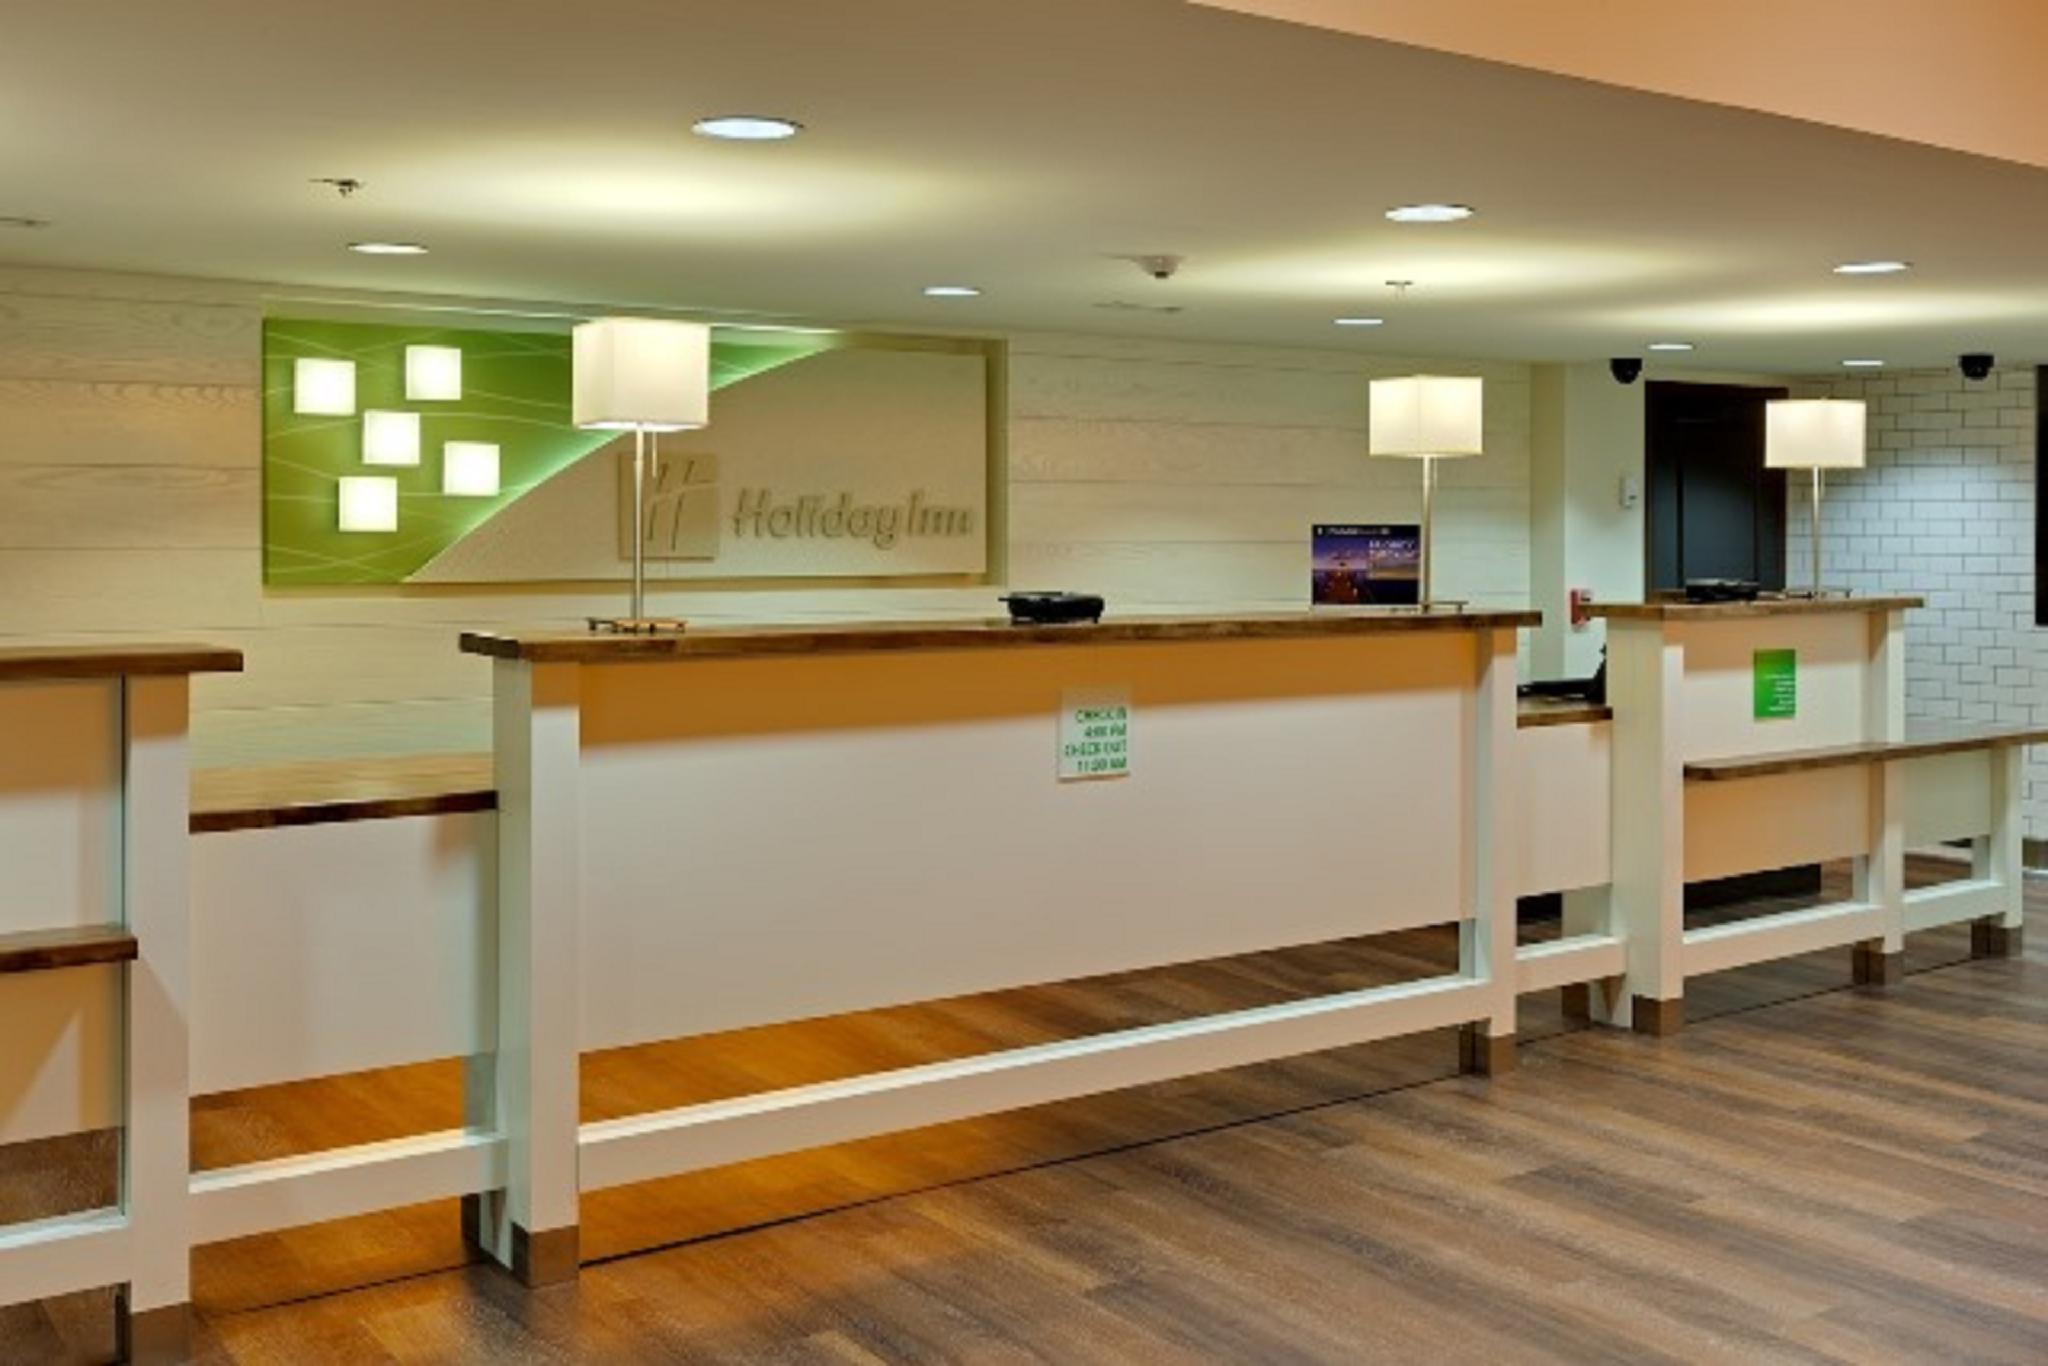 Holiday Inn Poughkeepsie, Dutchess